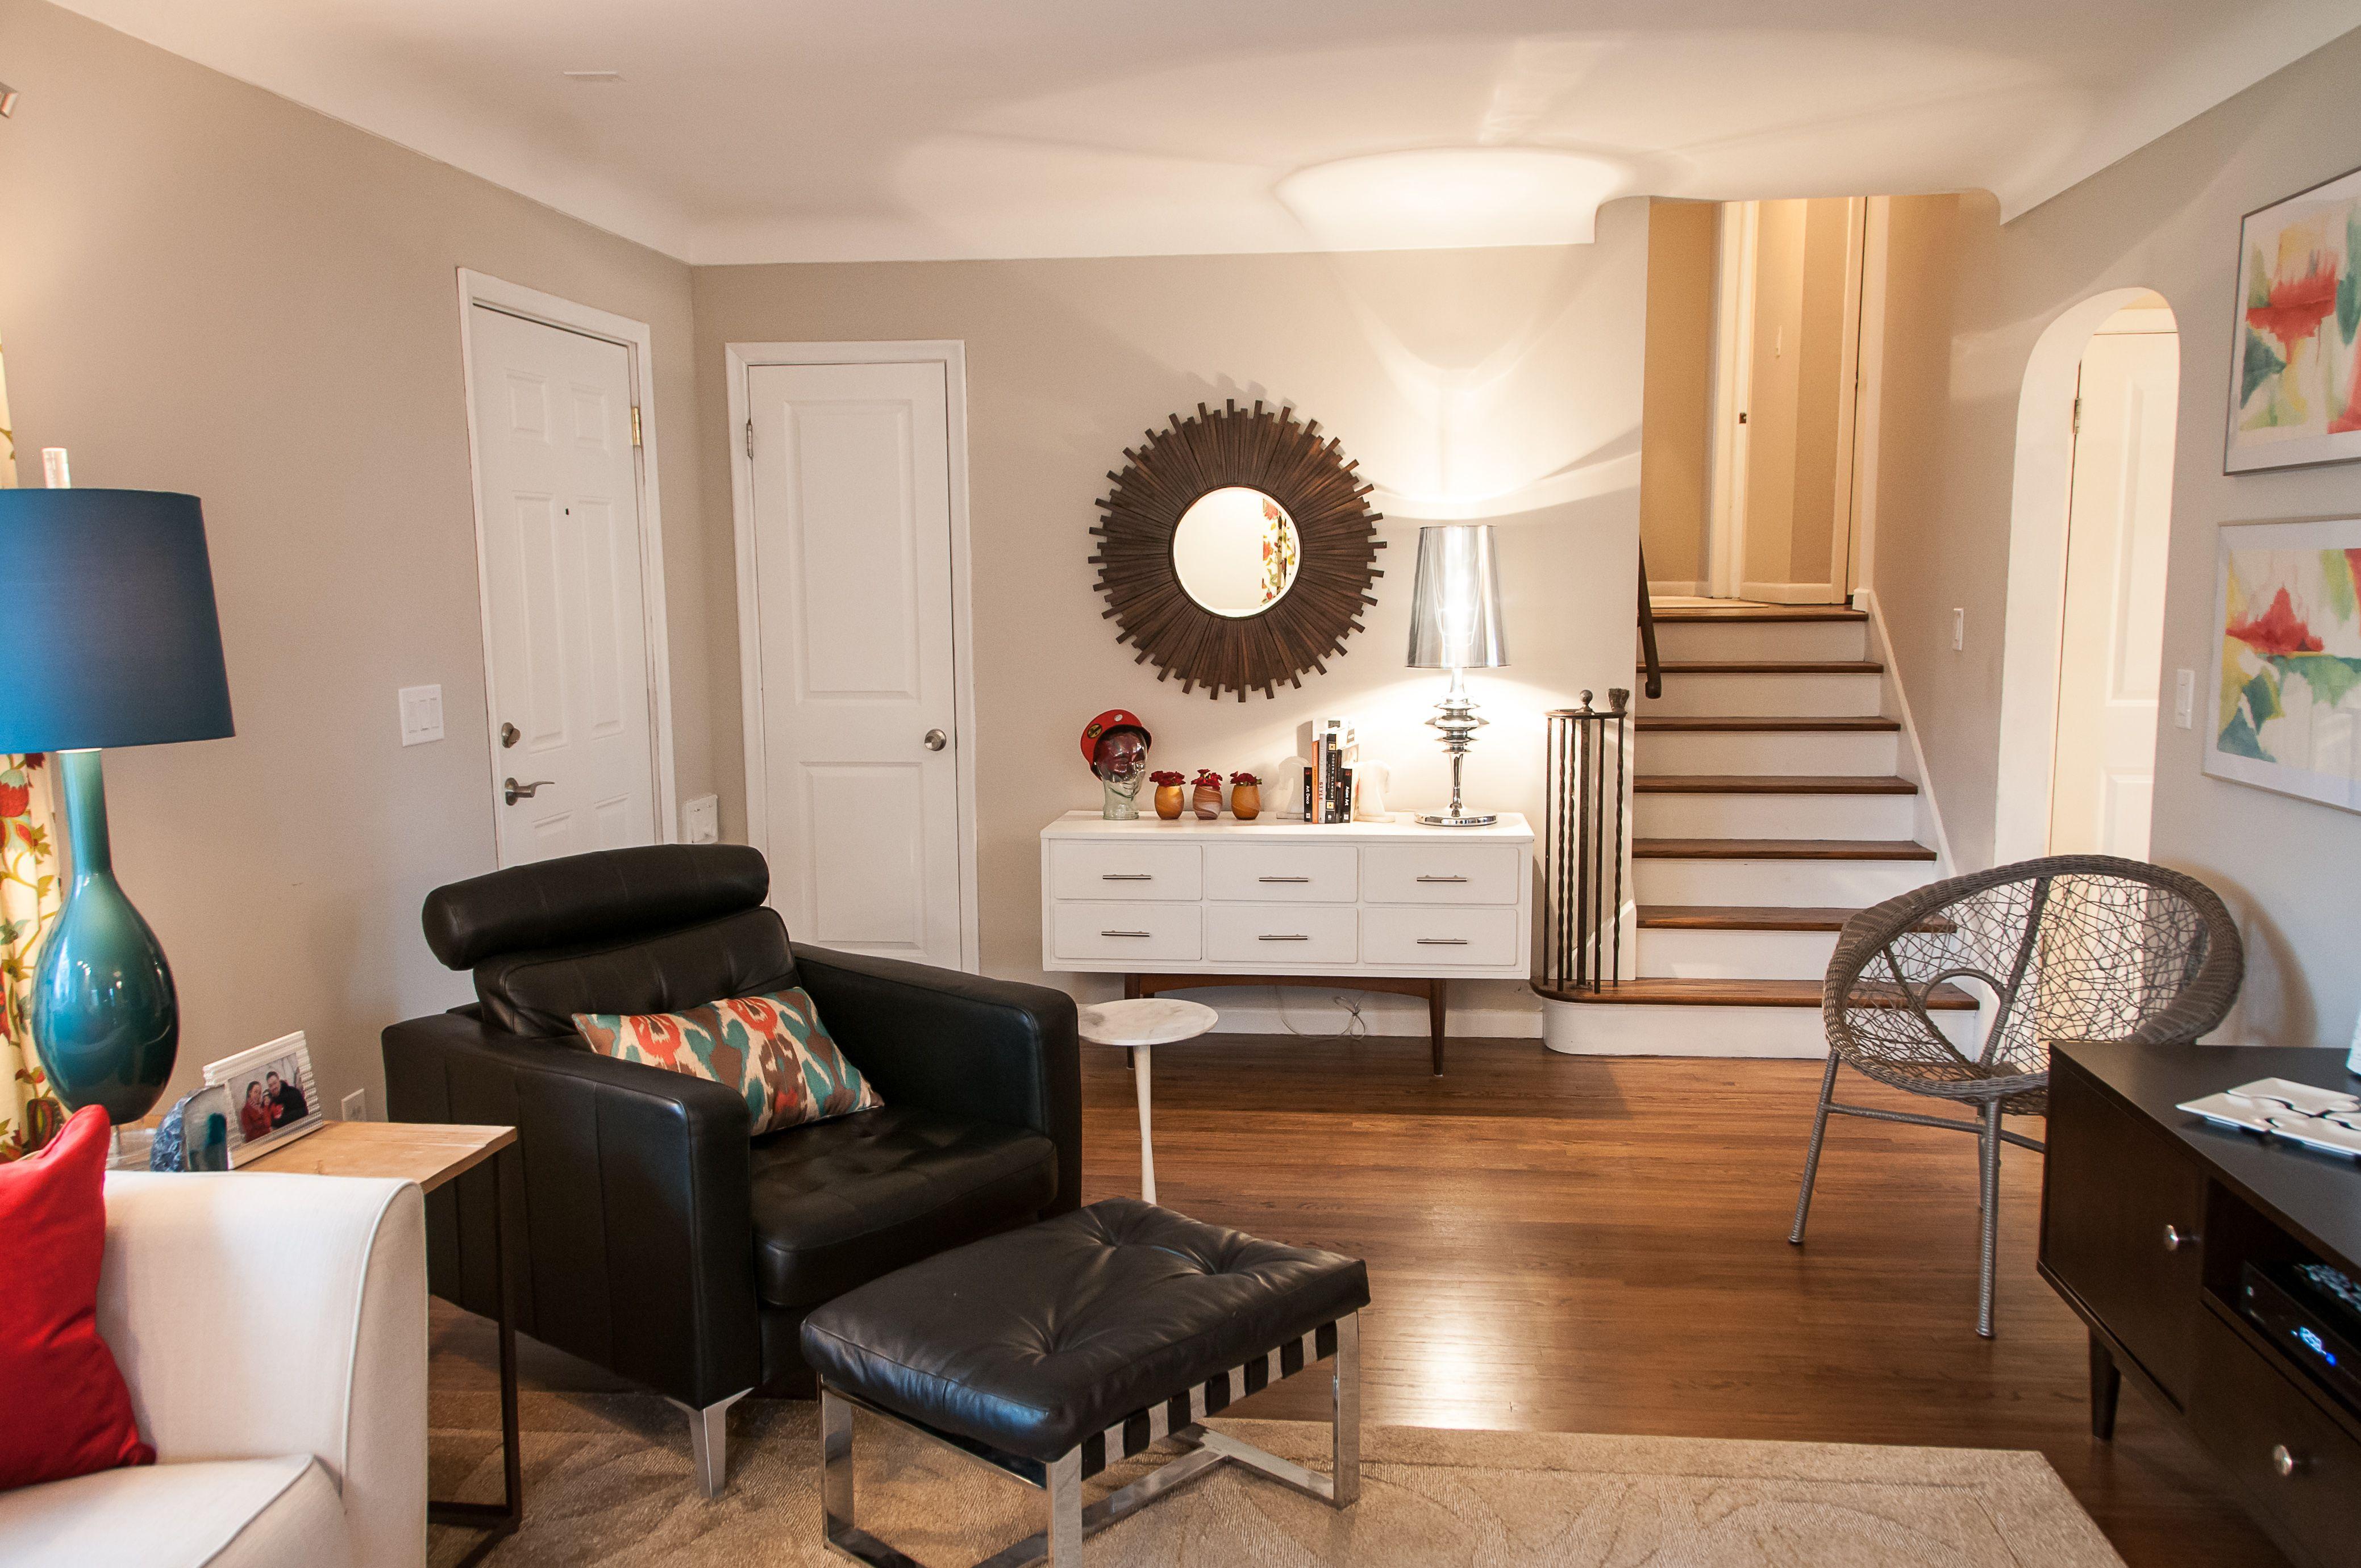 Living Room Design Lshaped Living Room Splitlevel Home Best L Shaped Living Room Designs 2018